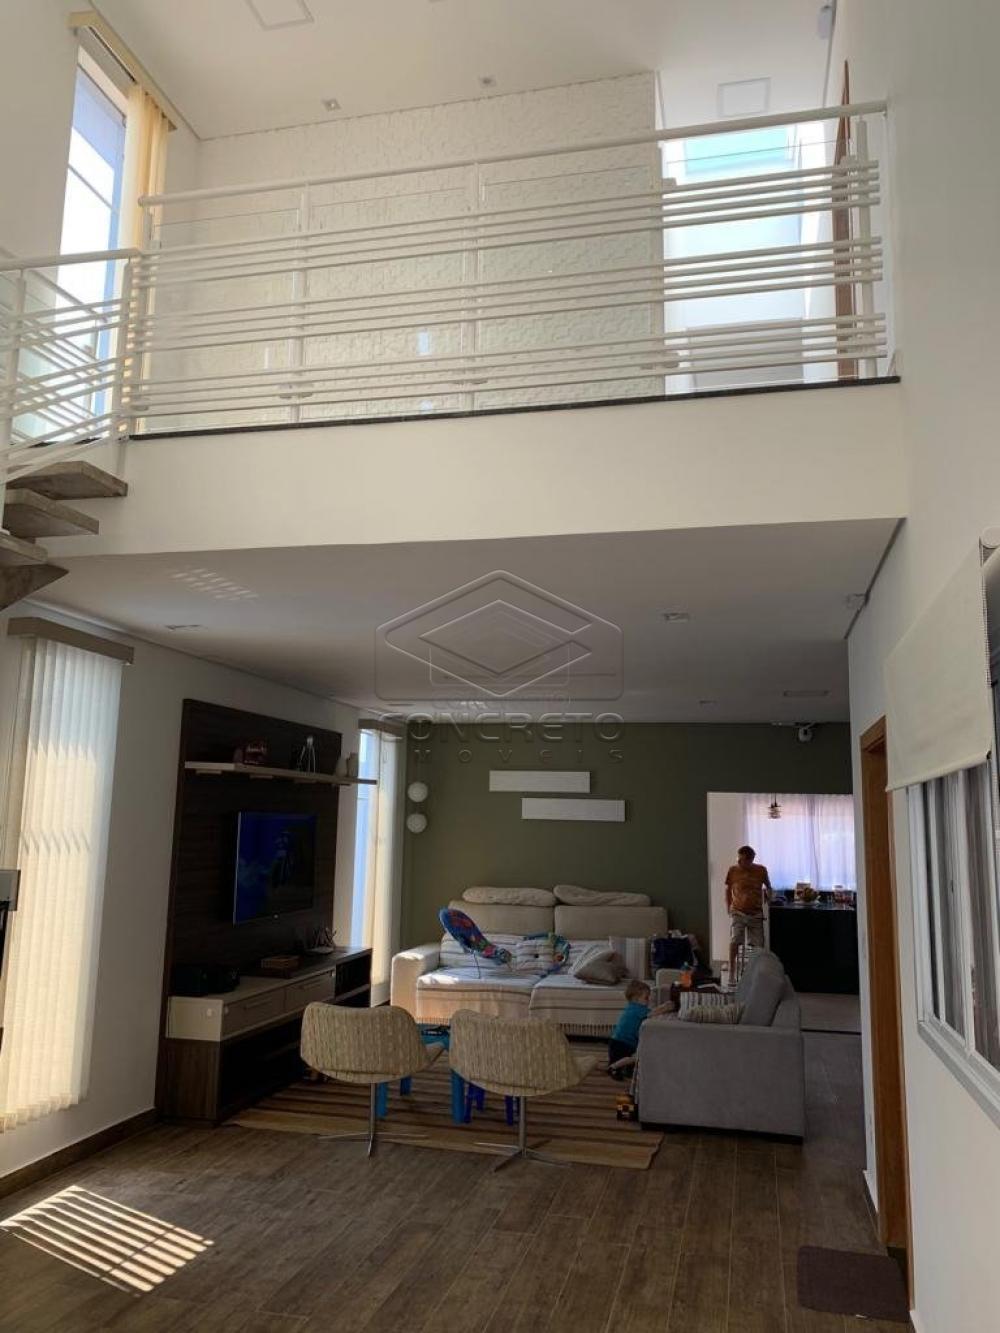 Comprar Casa / Padrão em Sao Manuel apenas R$ 650.000,00 - Foto 121